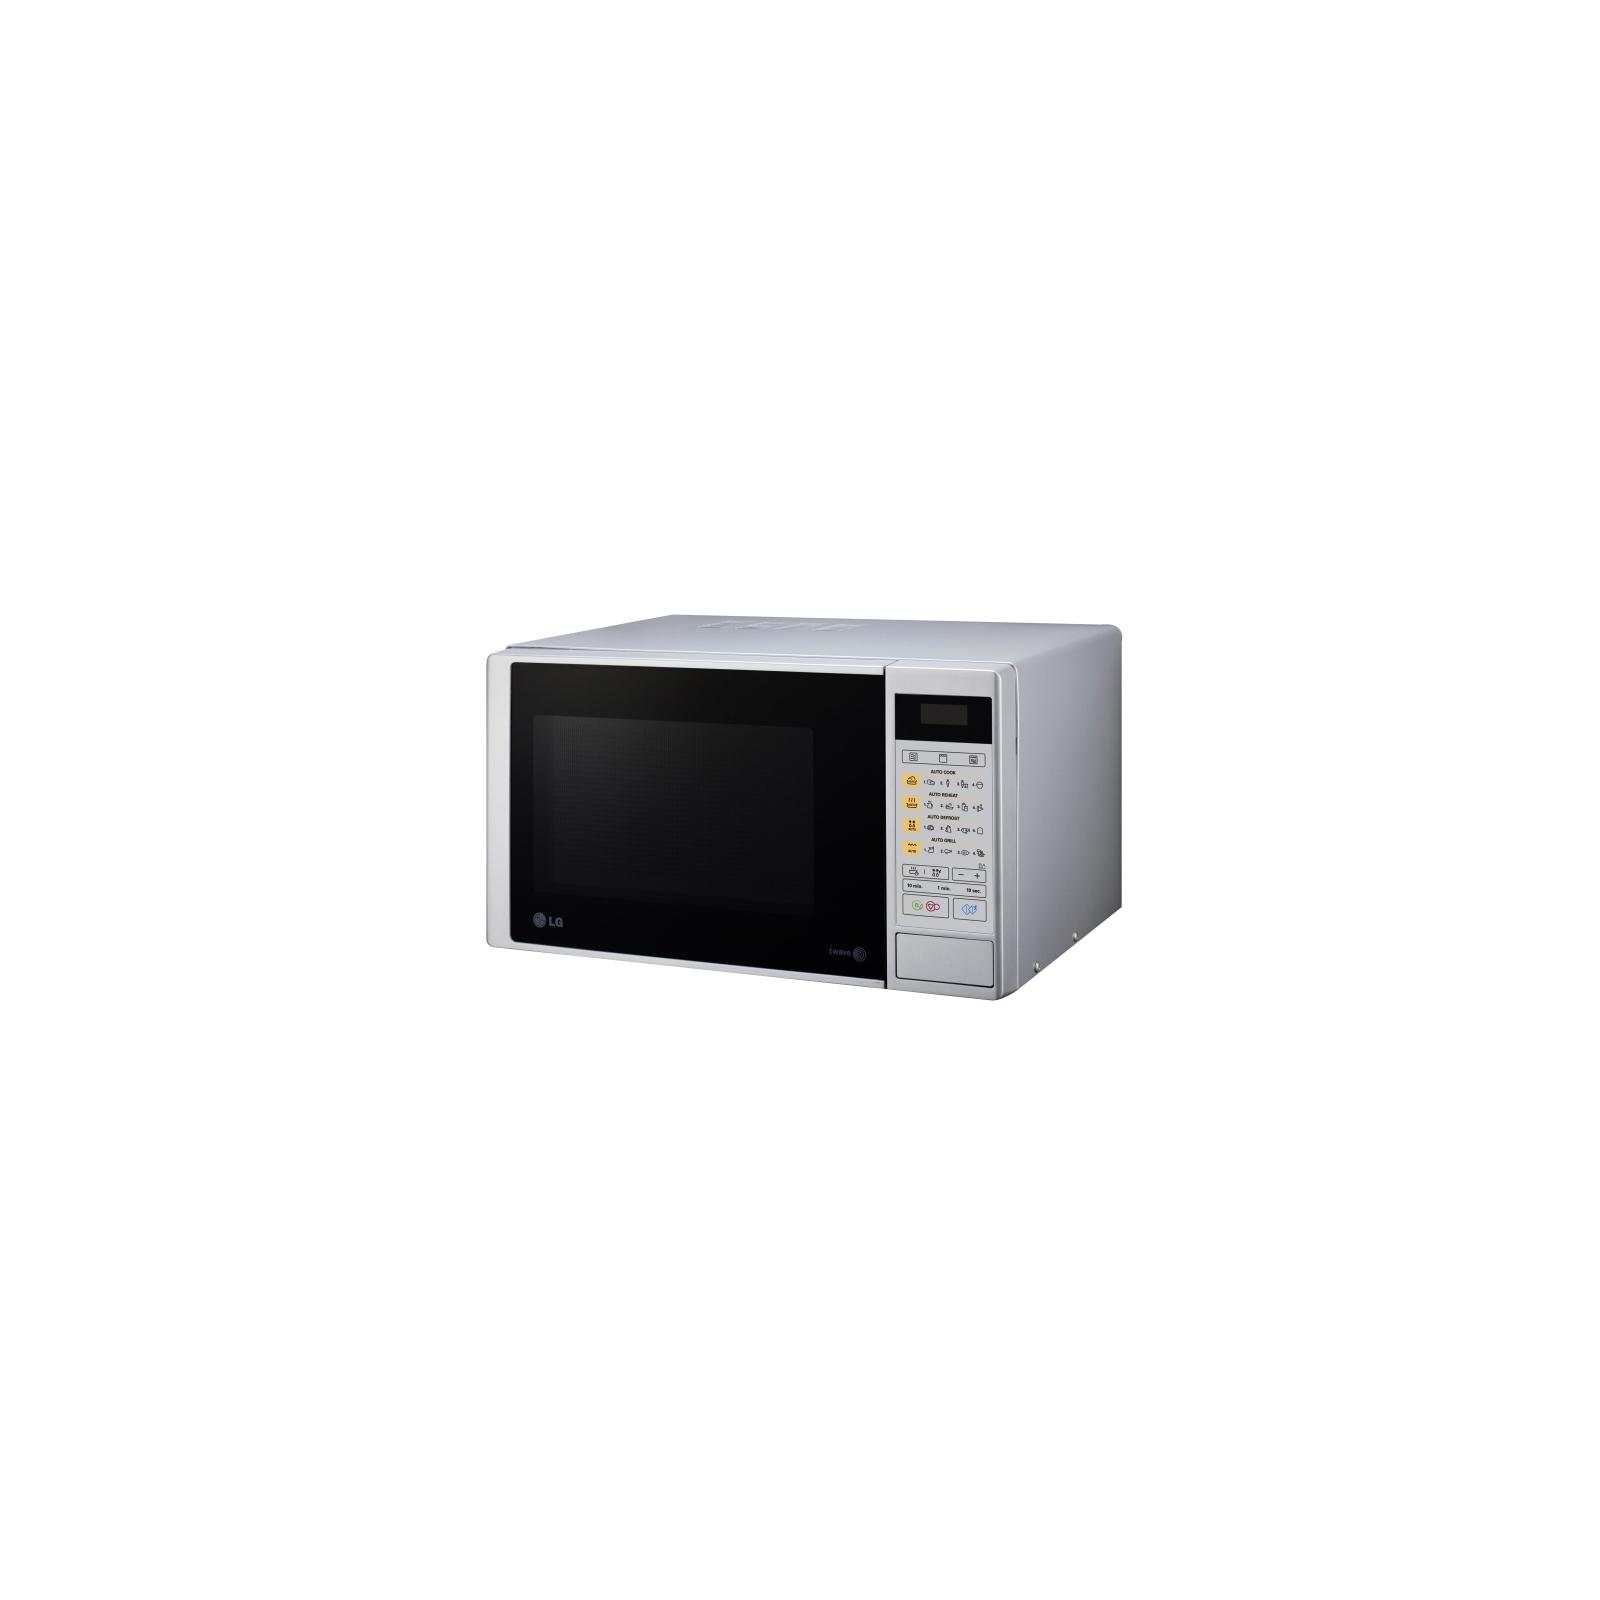 Микроволновая печь LG MH-6042D (MH6042D) изображение 2